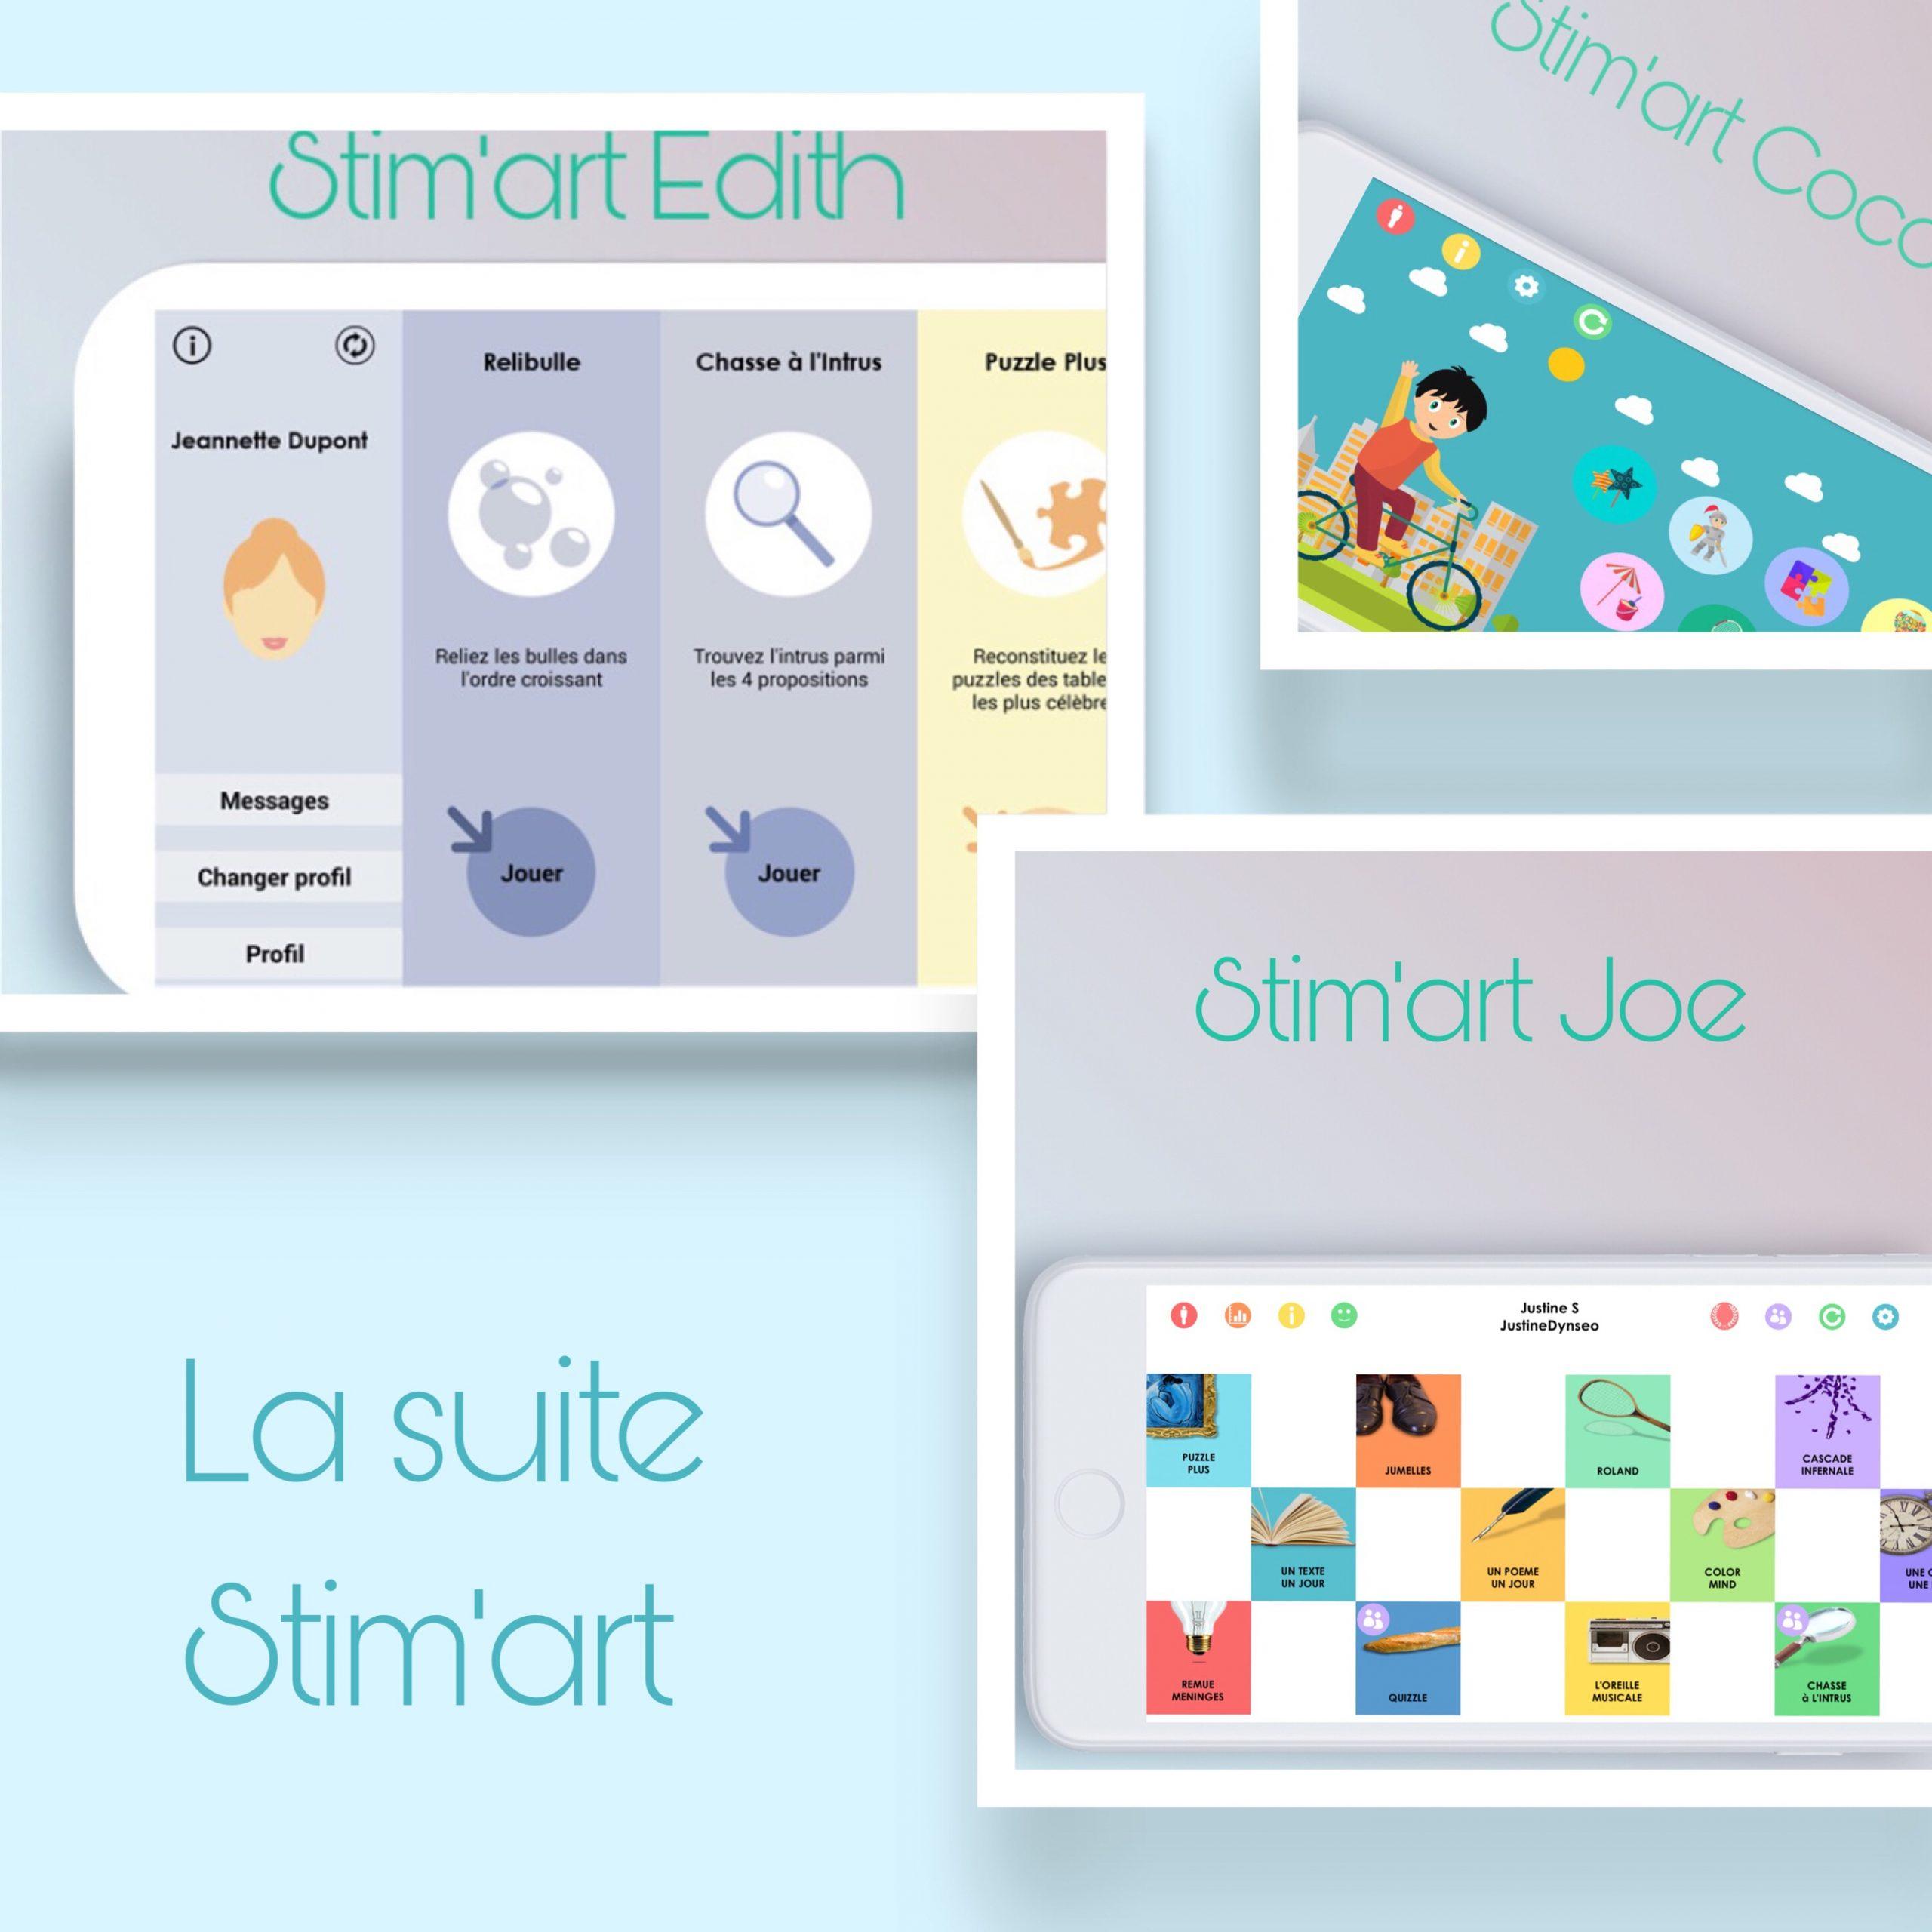 Stim'art : Des Jeux De Mémoire Sur Tablette Et Smartphone tout Jeux Memoire Gratuit